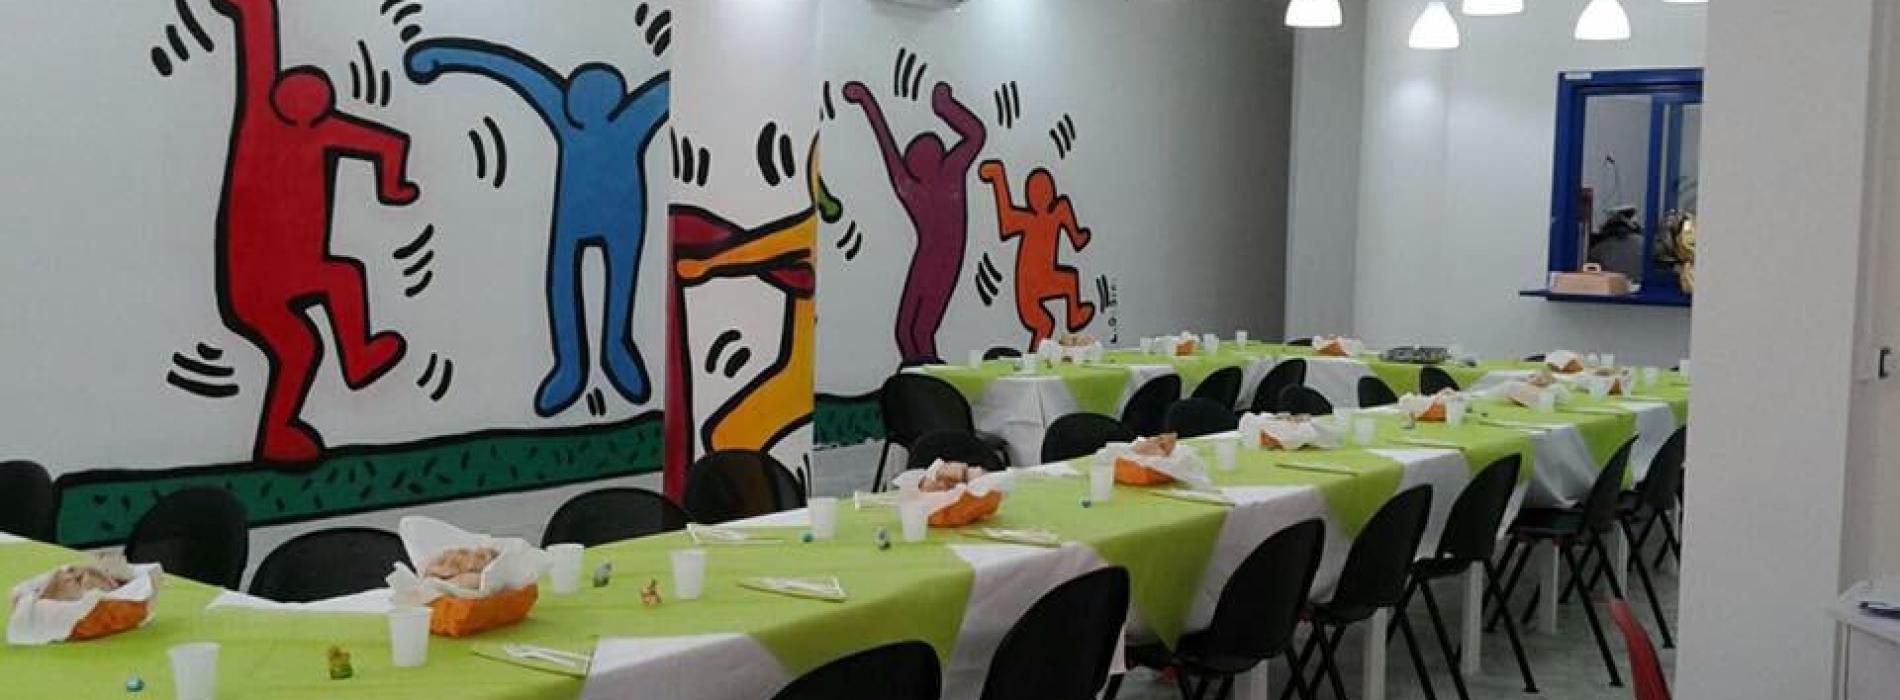 Casa l'Aura, un pranzo con gli ultimi per la Giornata dei poveri